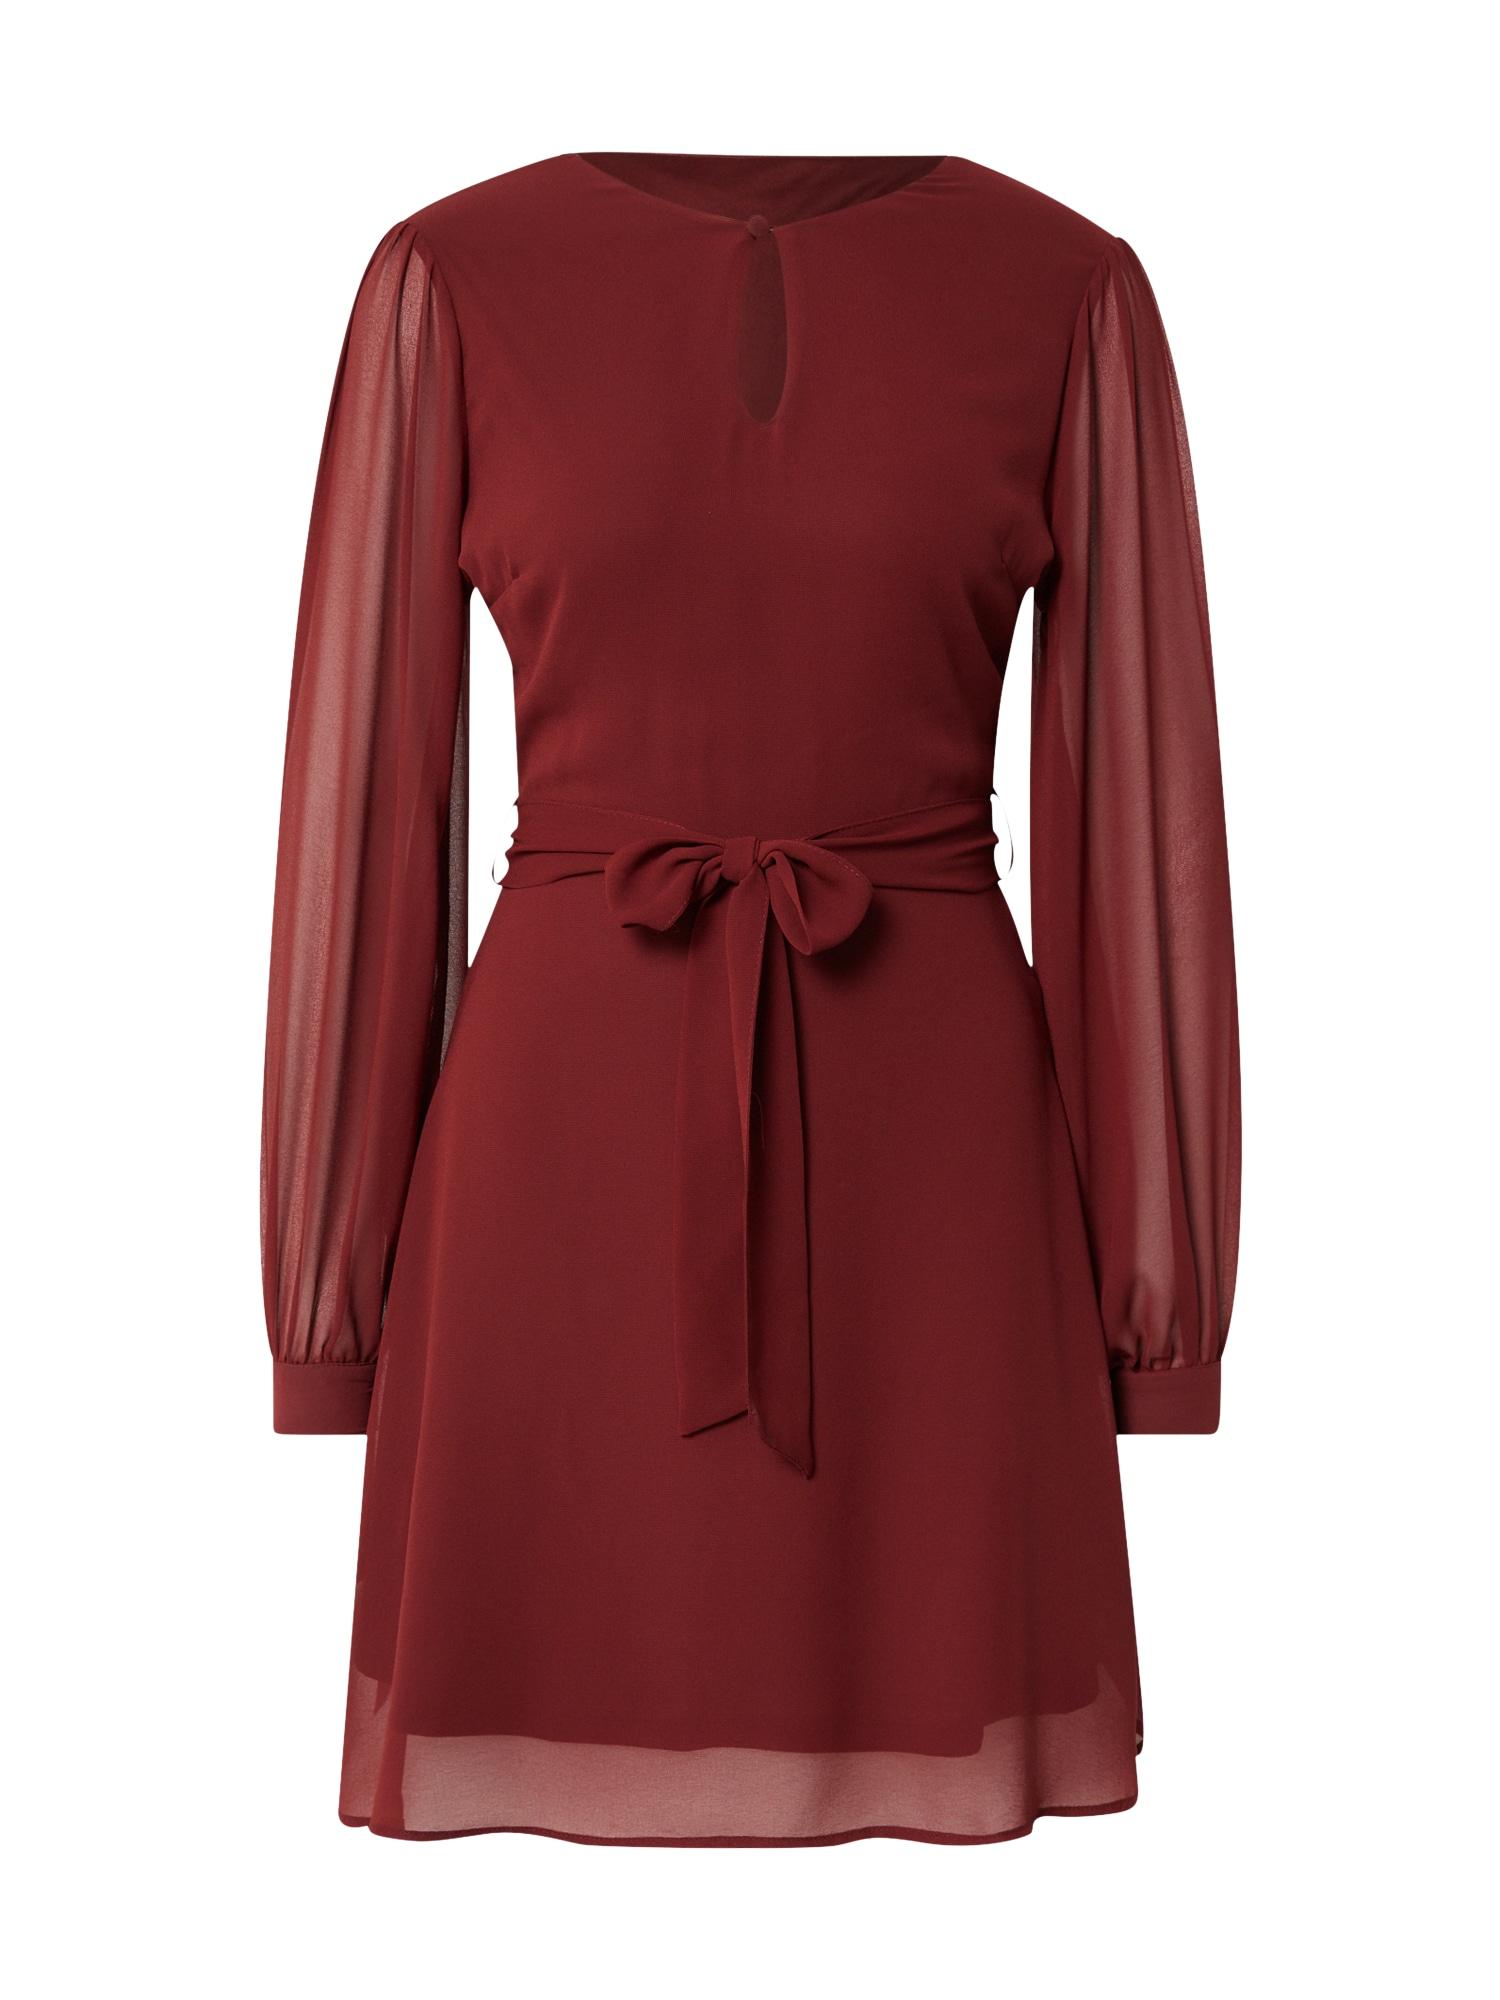 NU-IN Kokteilinė suknelė vyno raudona spalva